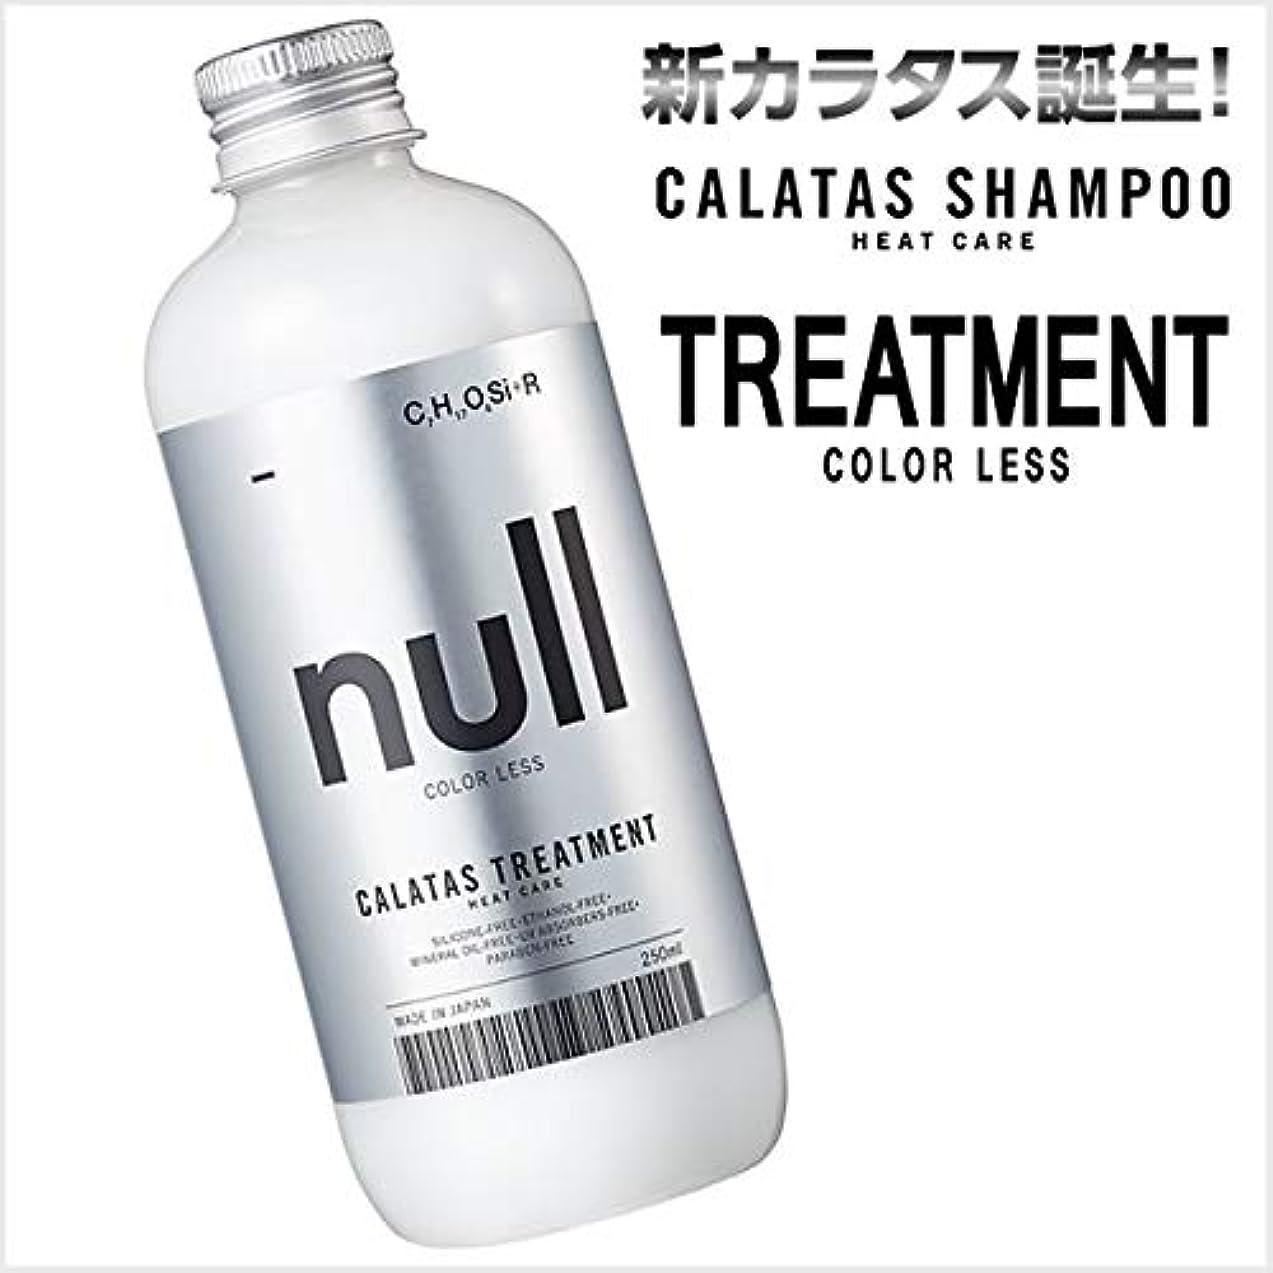 肌寒いパン担保CALATAS(カラタス) トリートメントヒートケア null(ヌル) 250ml